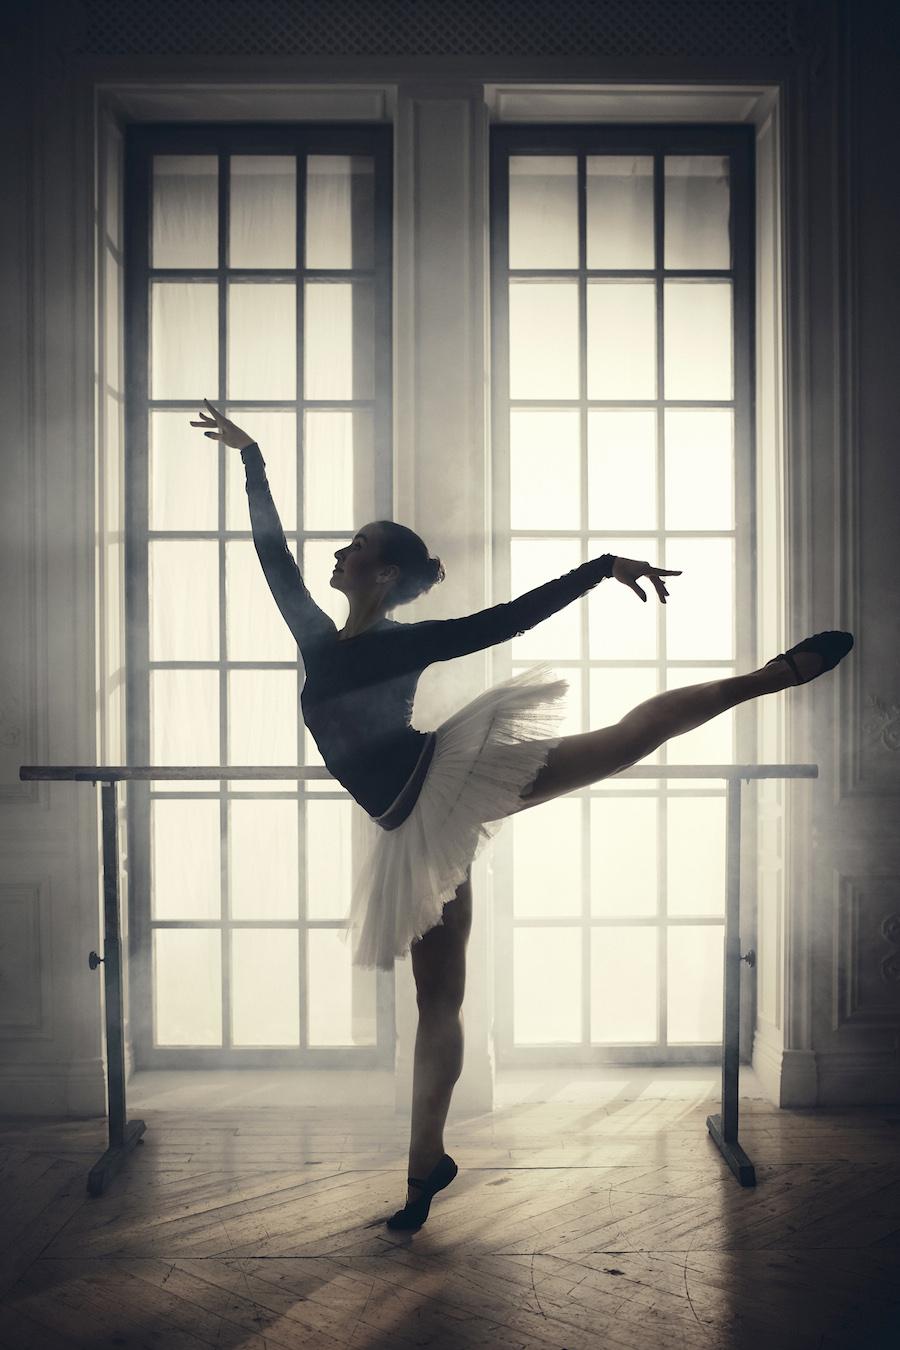 fotografia-ballerine-russe-calendario-12-natural-wonders-paul-giggle-5